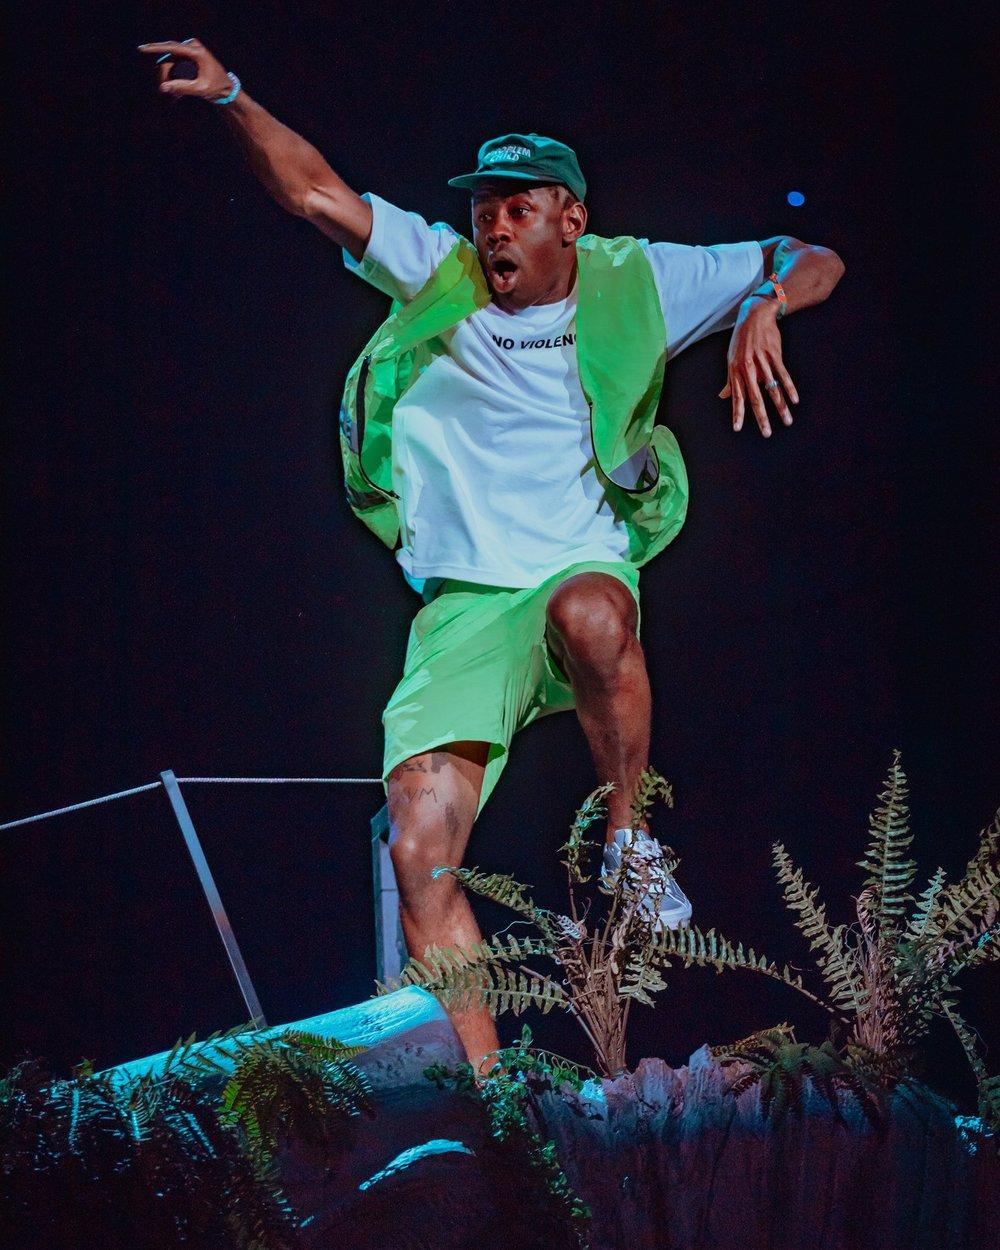 Tyler, The Creator Já falamos por aqui o quanto admiramos o visual bem humorado e original do rapper americano. Cores, estampas e combinações nada convencionais fazem dele um dos caras mais criativos do ramo não somente nas letras das músicas.